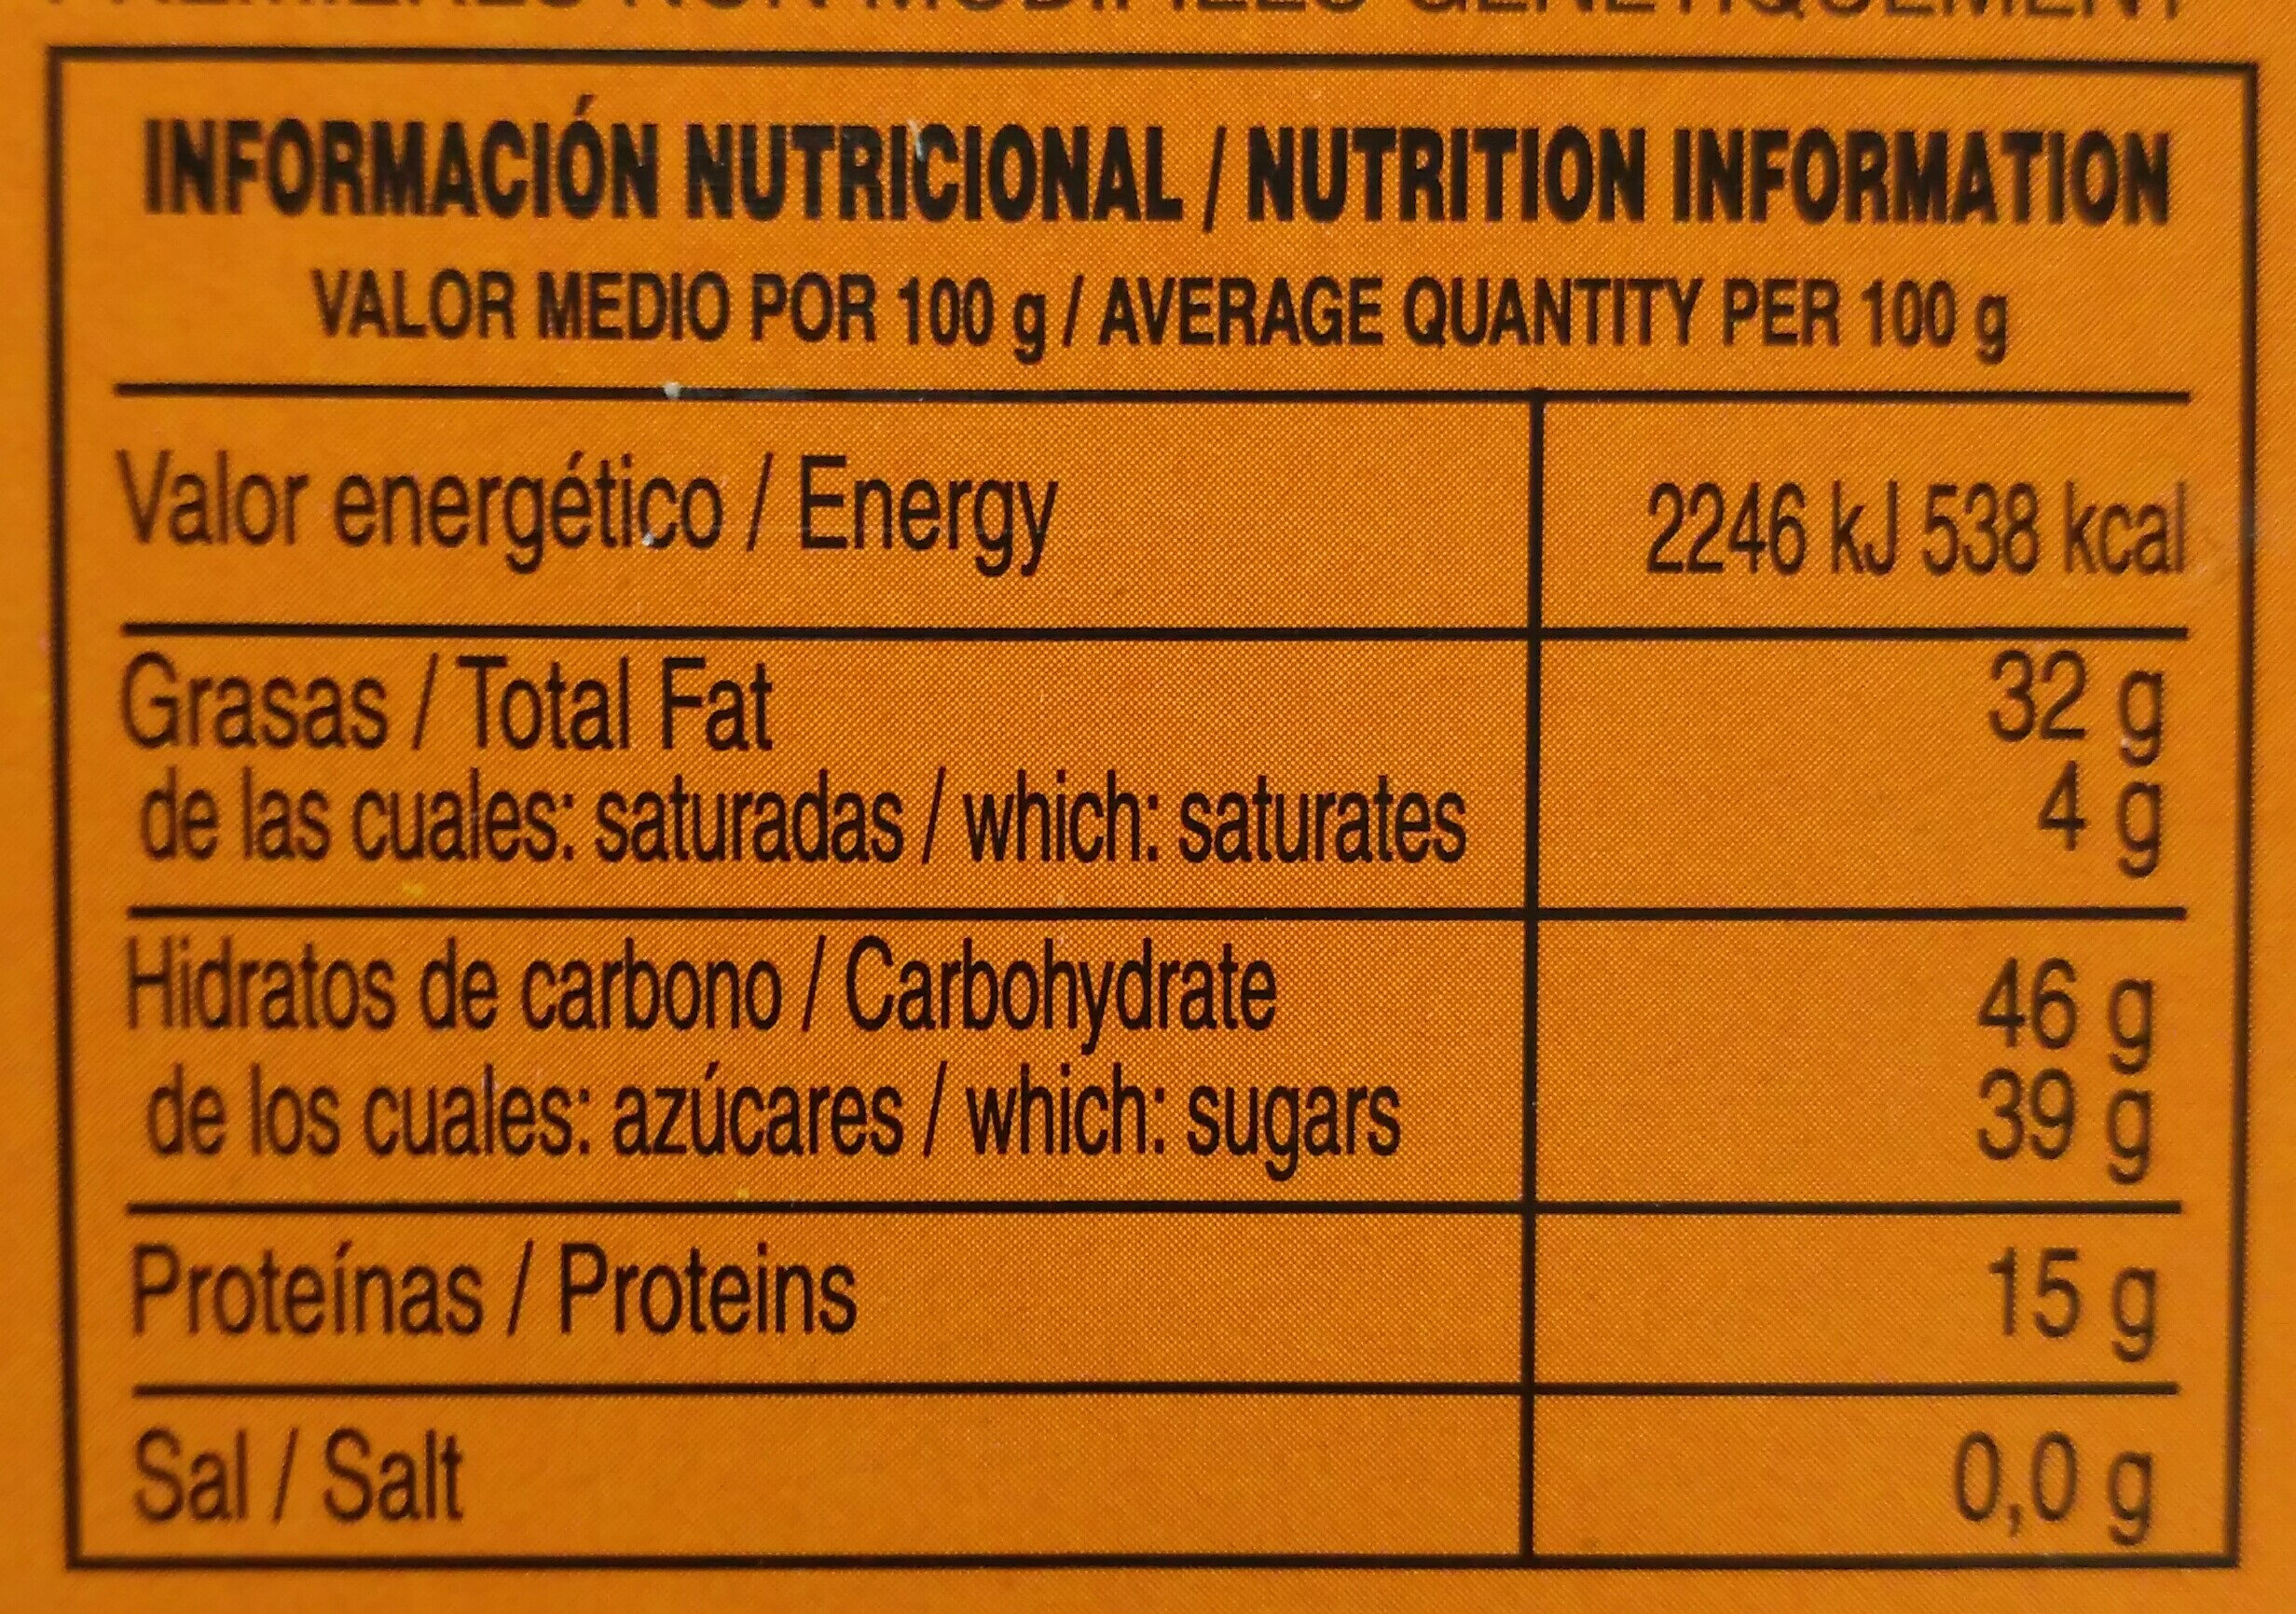 Turrón diverso de cacahuete - Información nutricional - es